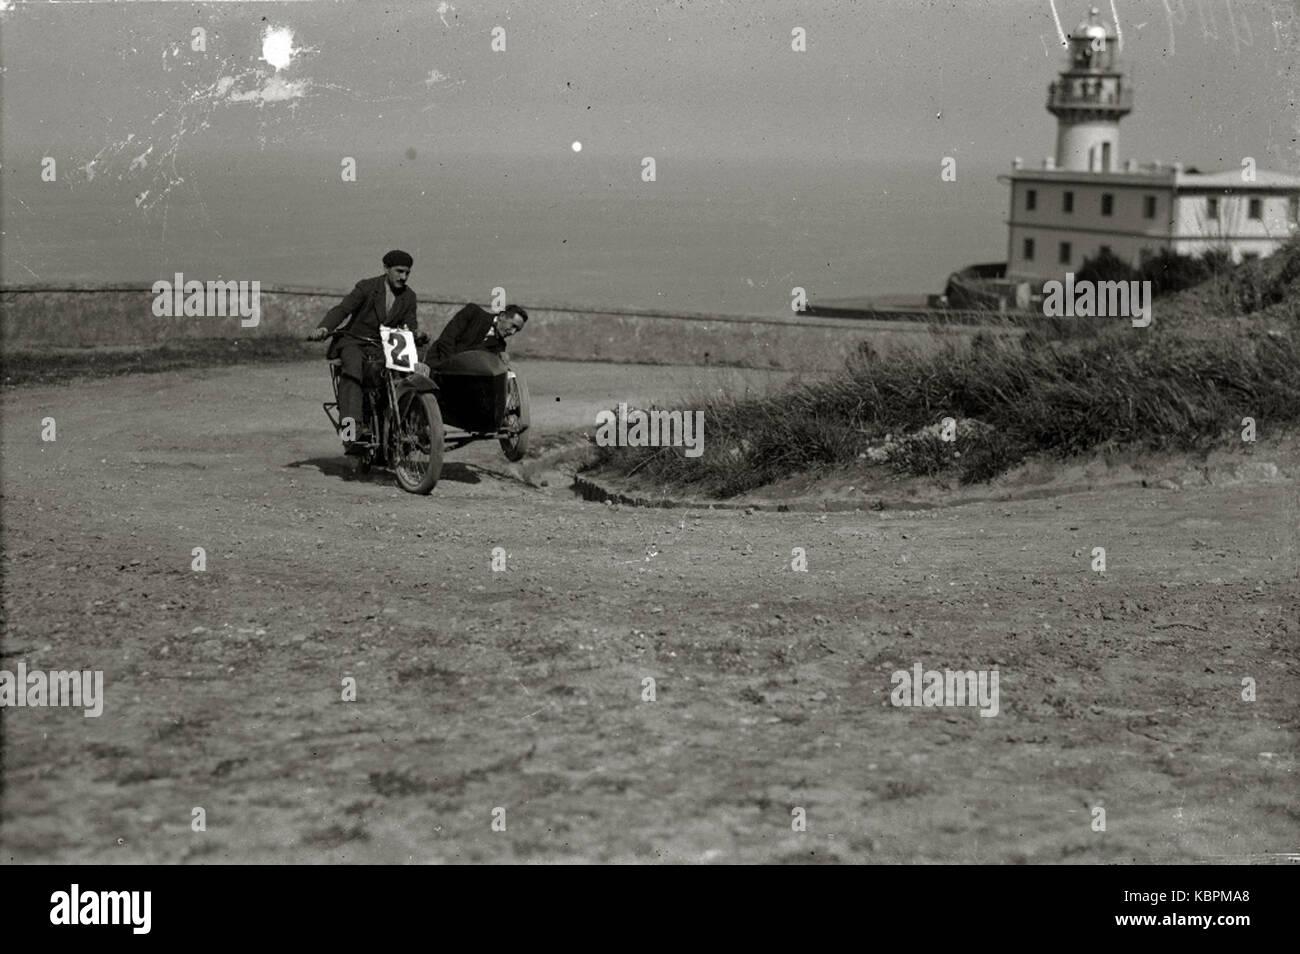 Motociclismo por el Paseo del Faro (1 de 6)   Fondo Car Kutxa Fototeka Stock Photo